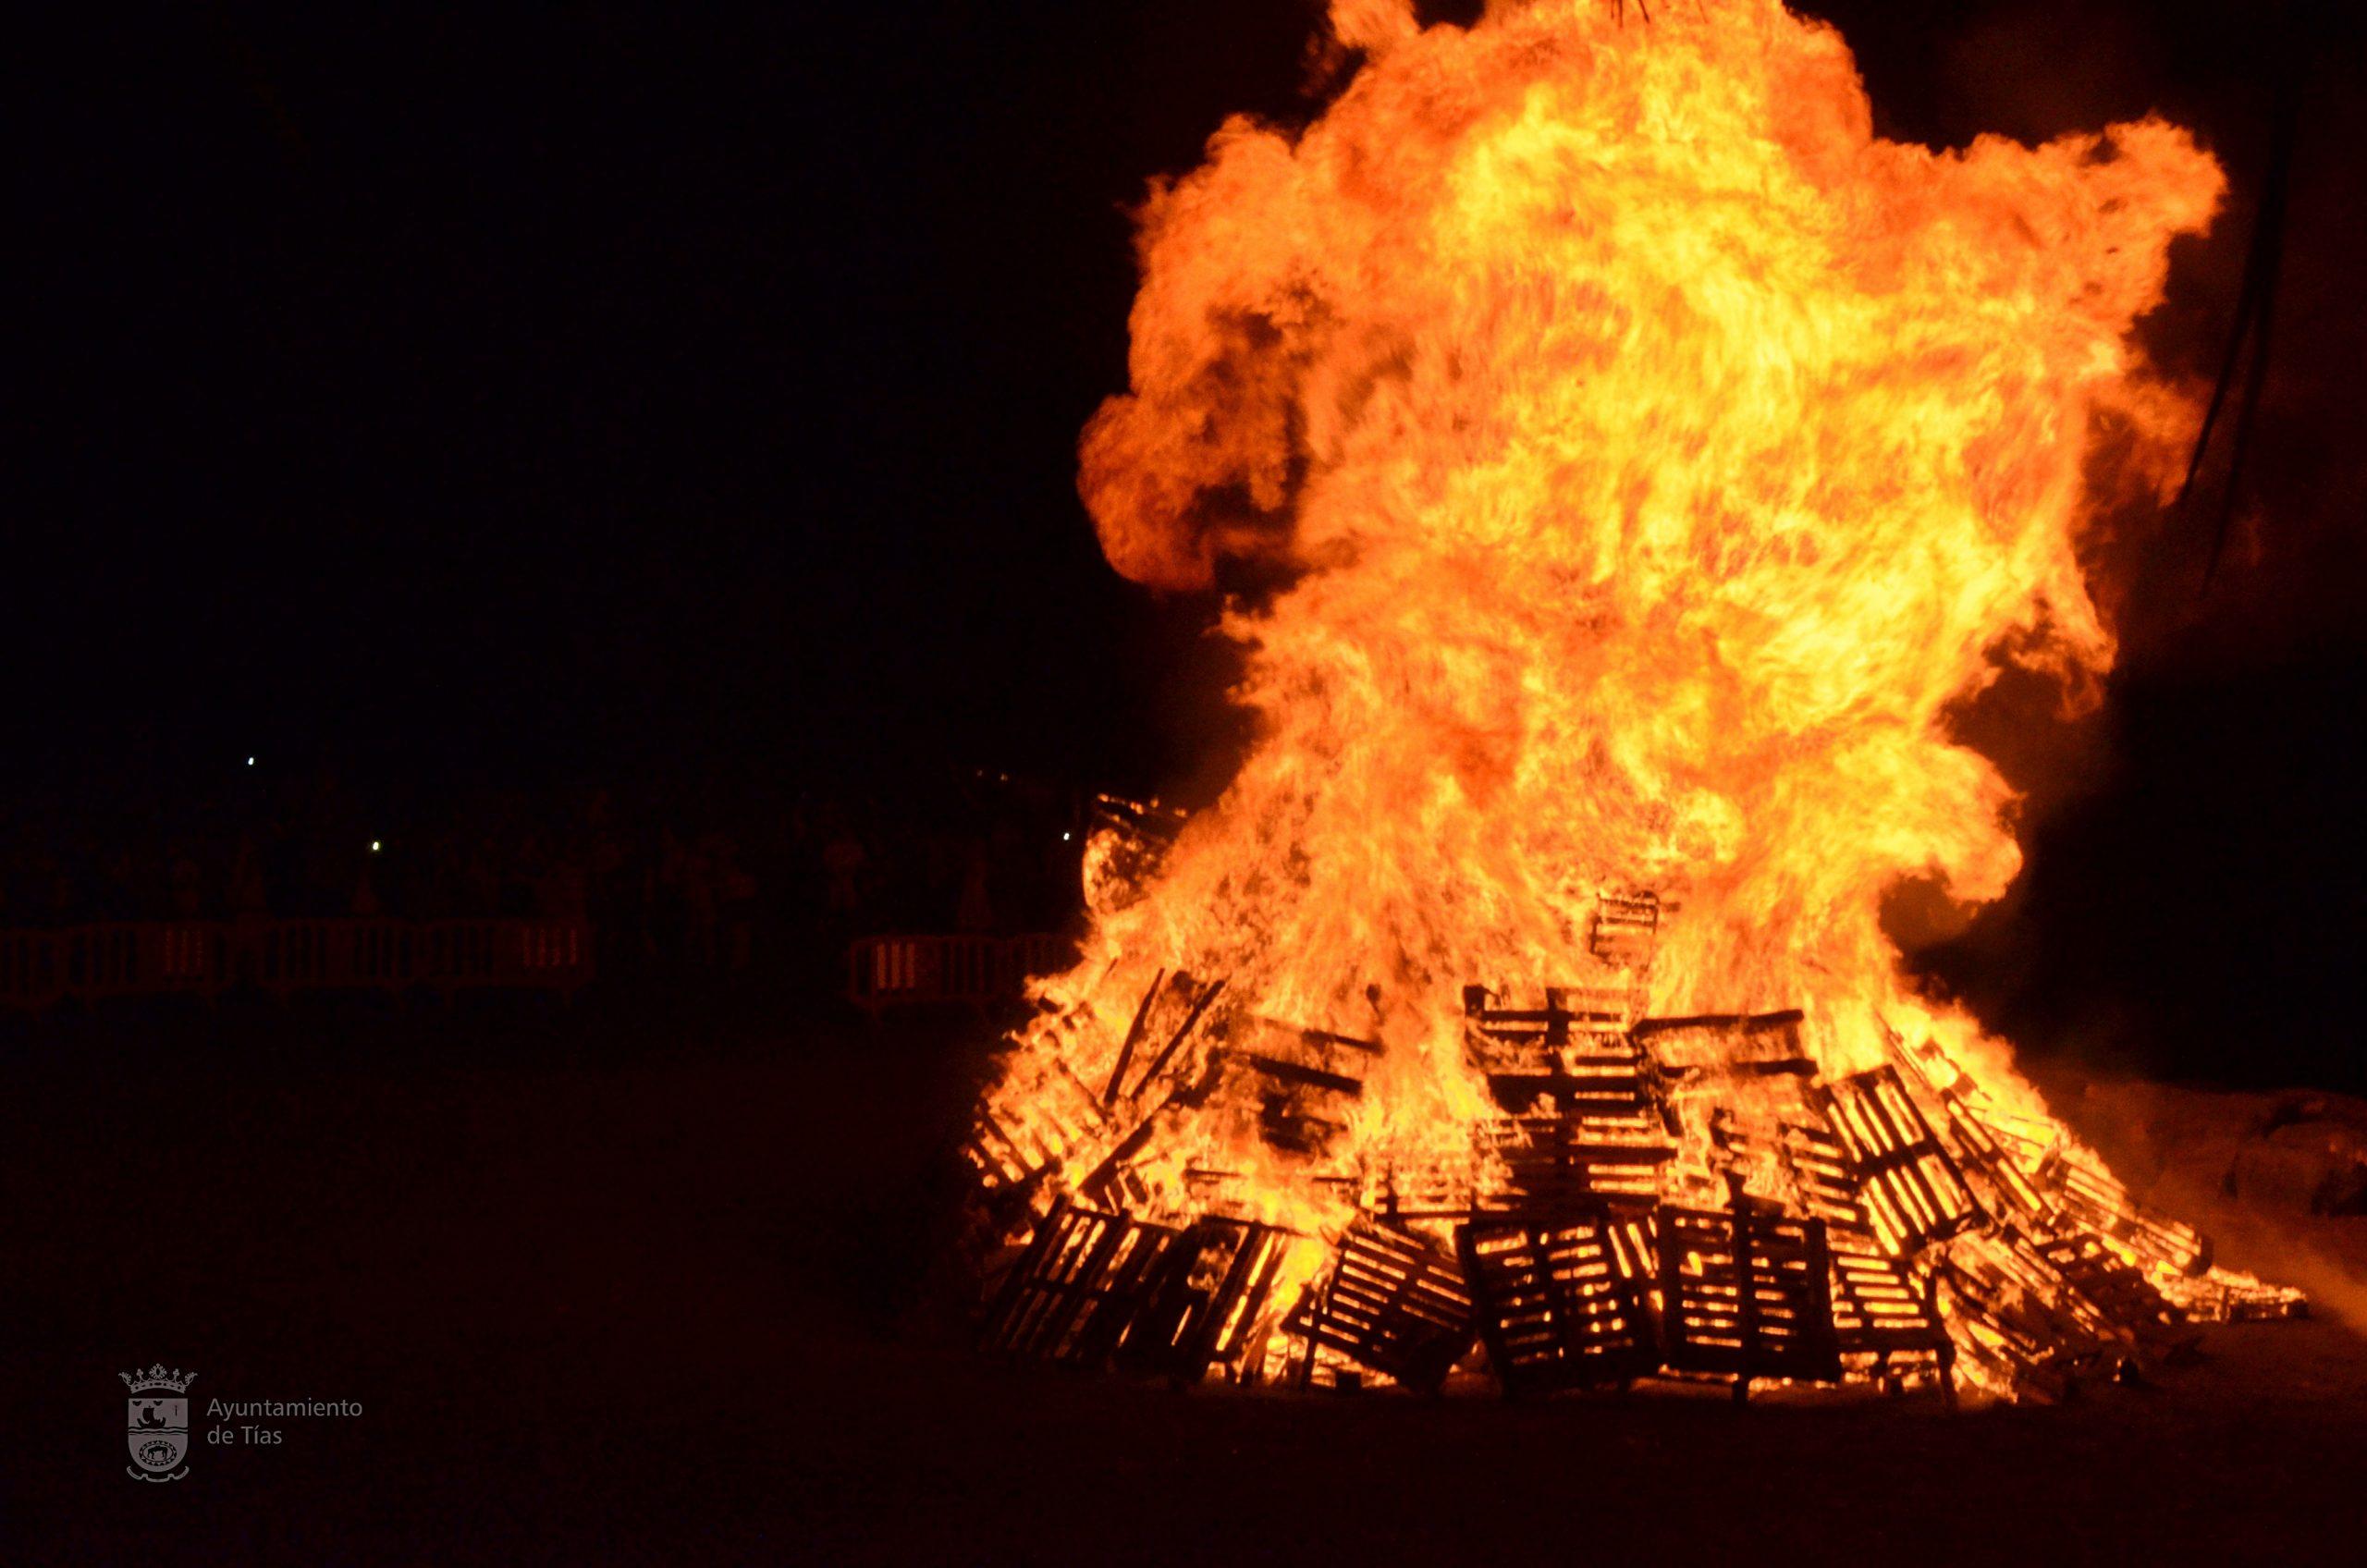 Las hogueras de San Juan y San Pedro en el municipio de Tías tendrán medidas especiales de seguridad